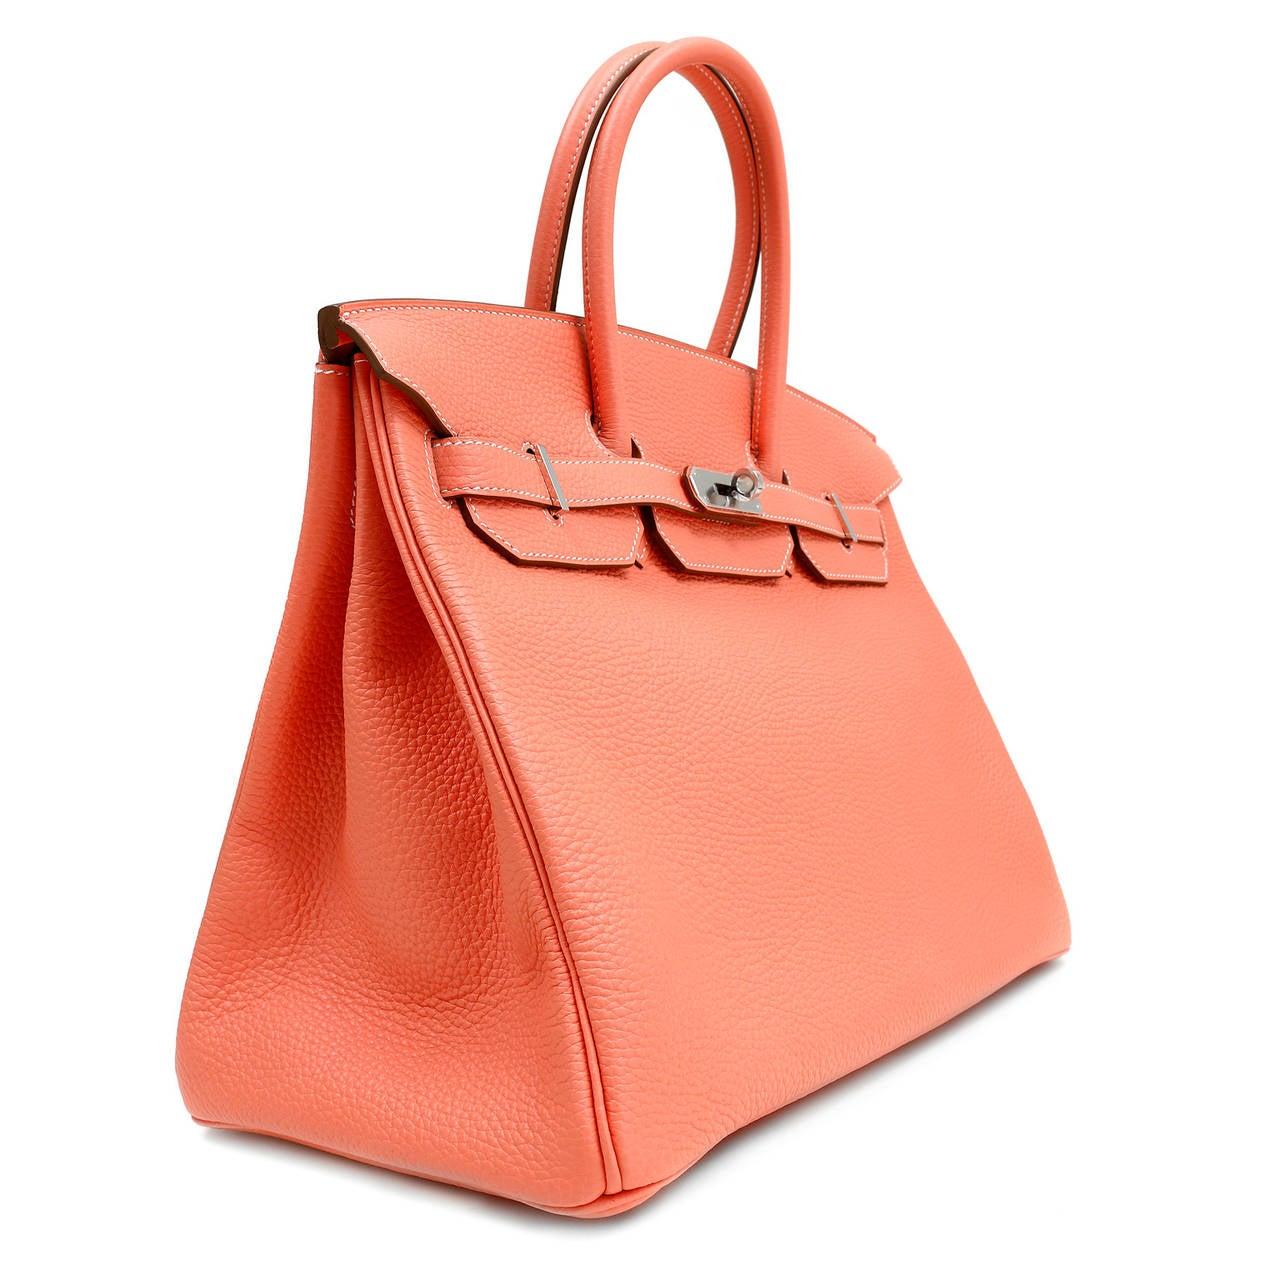 Hermes Crevette Togo 35 cm Birkin Bag- Salmon Pink Color 3